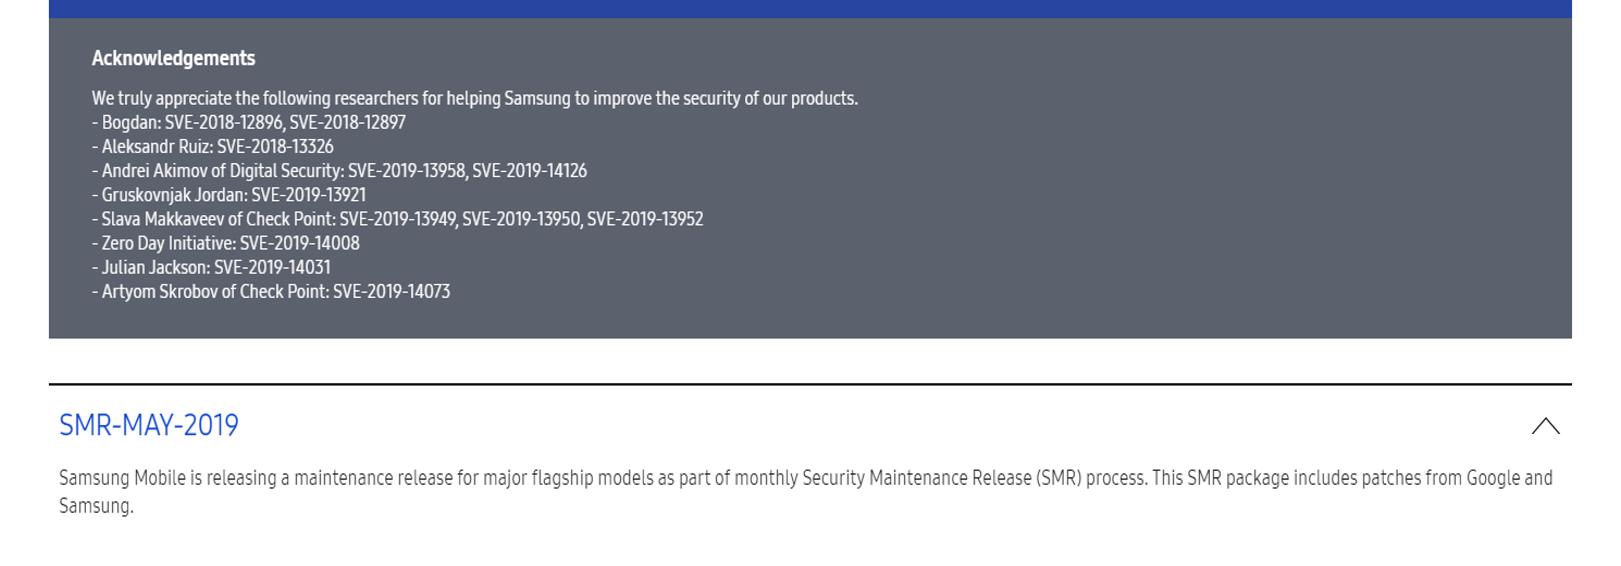 Поиск уязвимостей в Samsung TrustZone, или AFL зафаззит все - 19